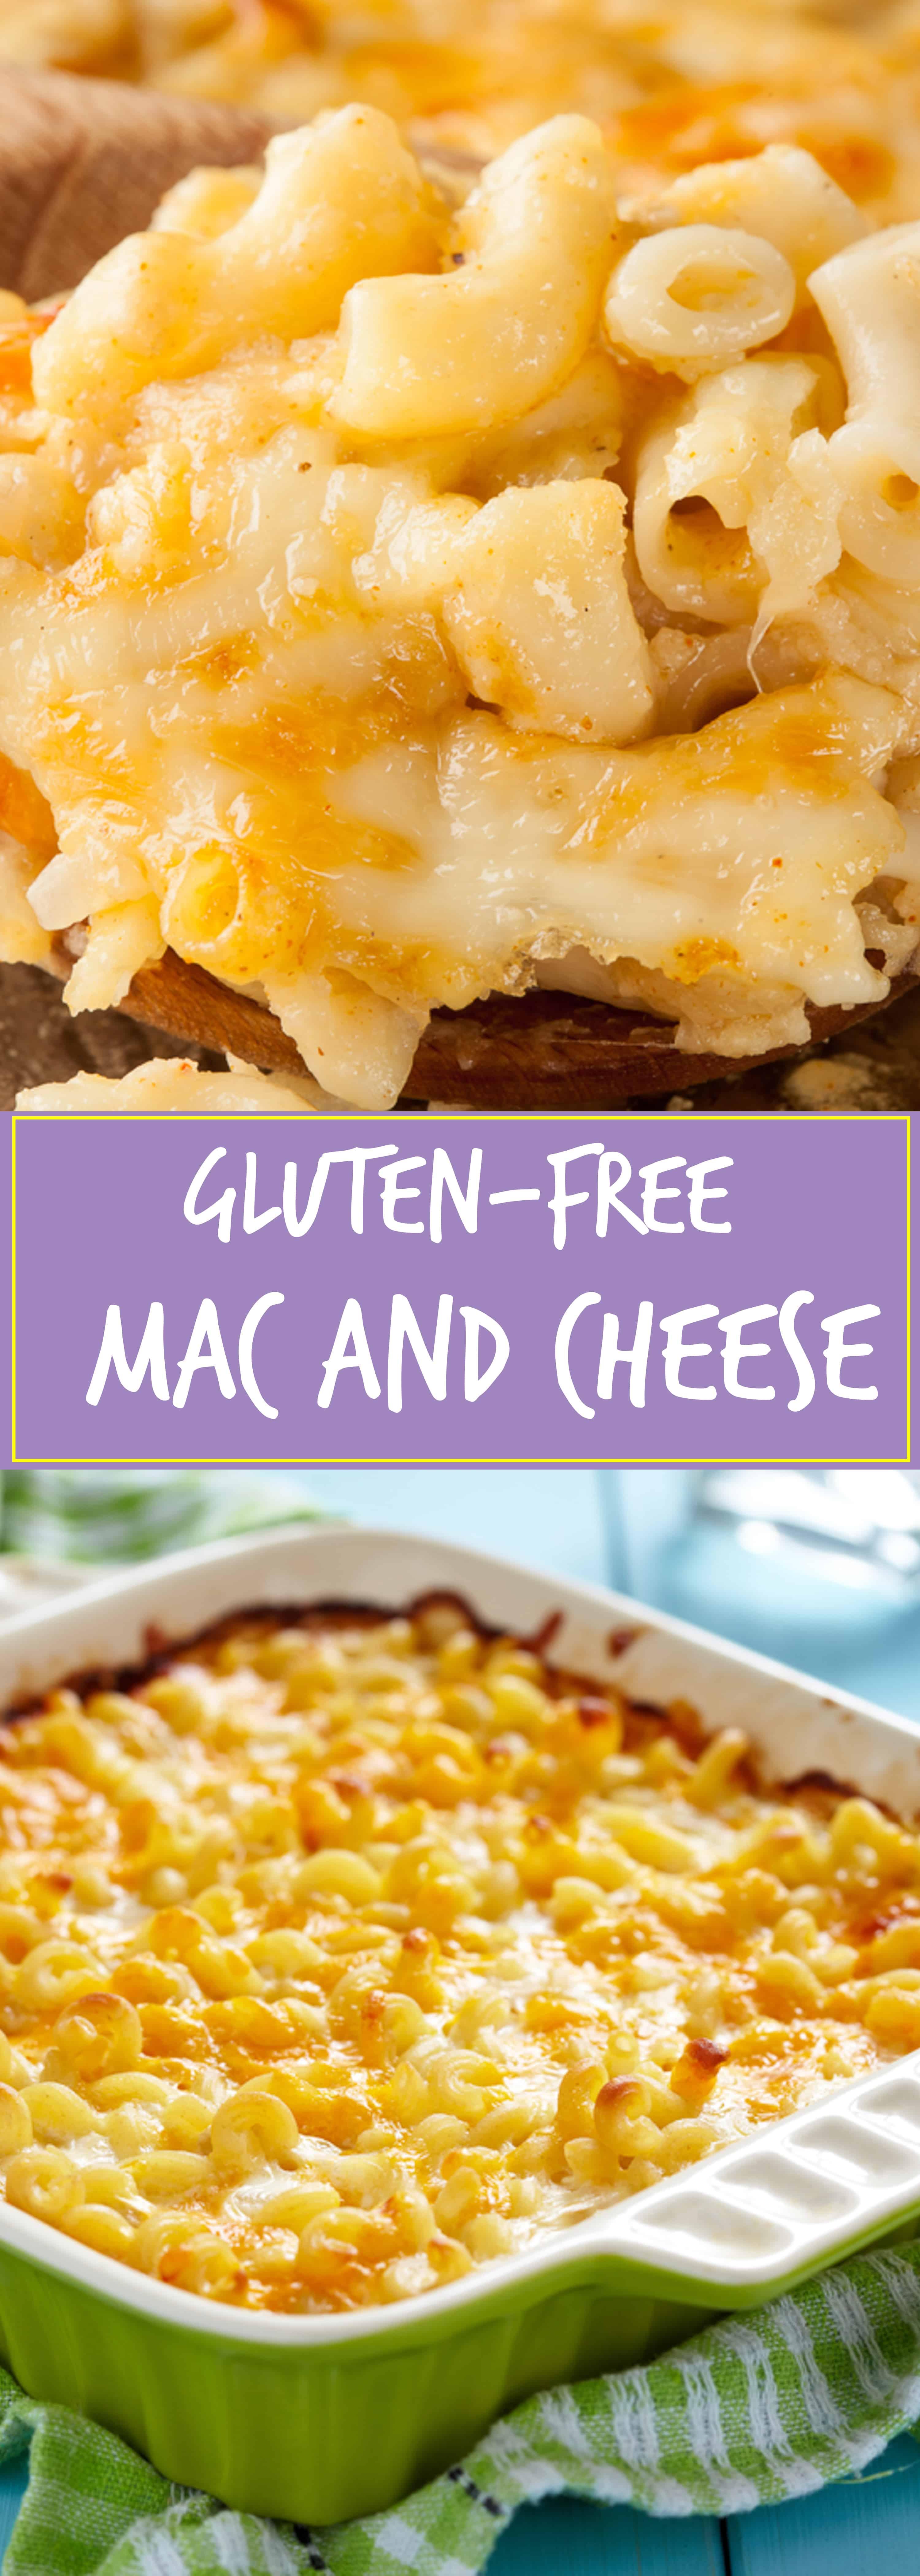 Best Gluten Free Macaroni And Cheese Recipe